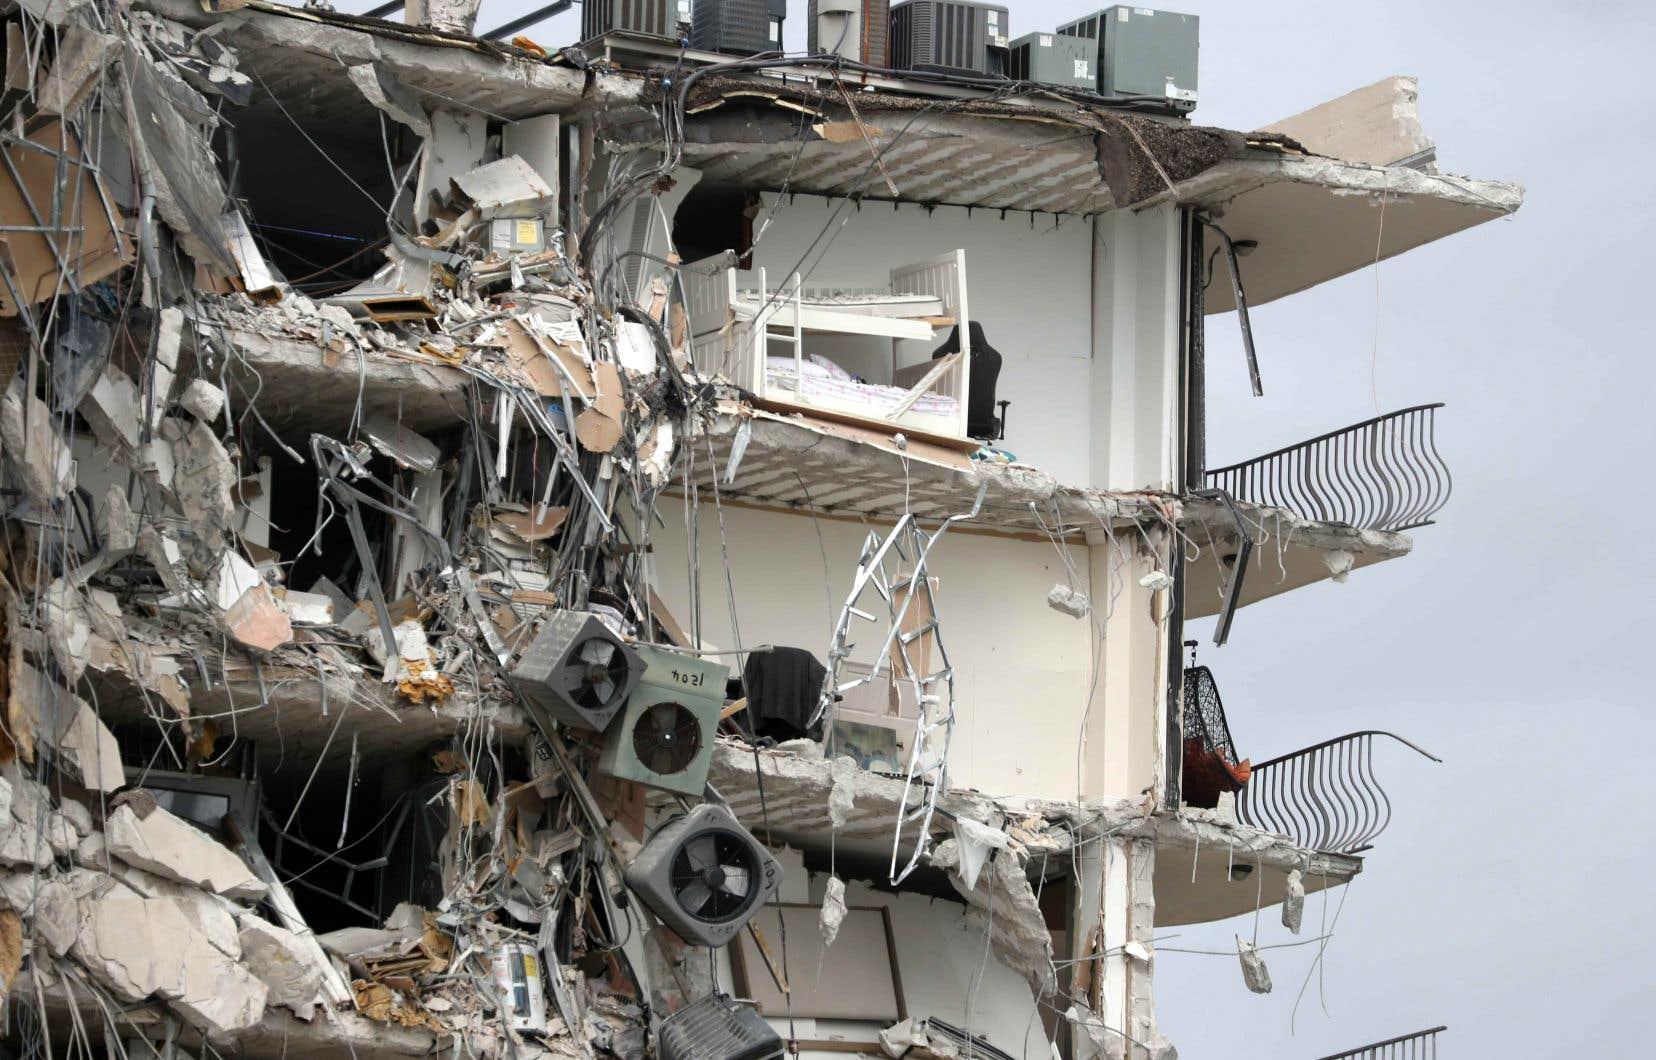 Une tour à logements située en bordure de mer à Surfside, en Floride, s'est partiellement effondrée jeudi matin.